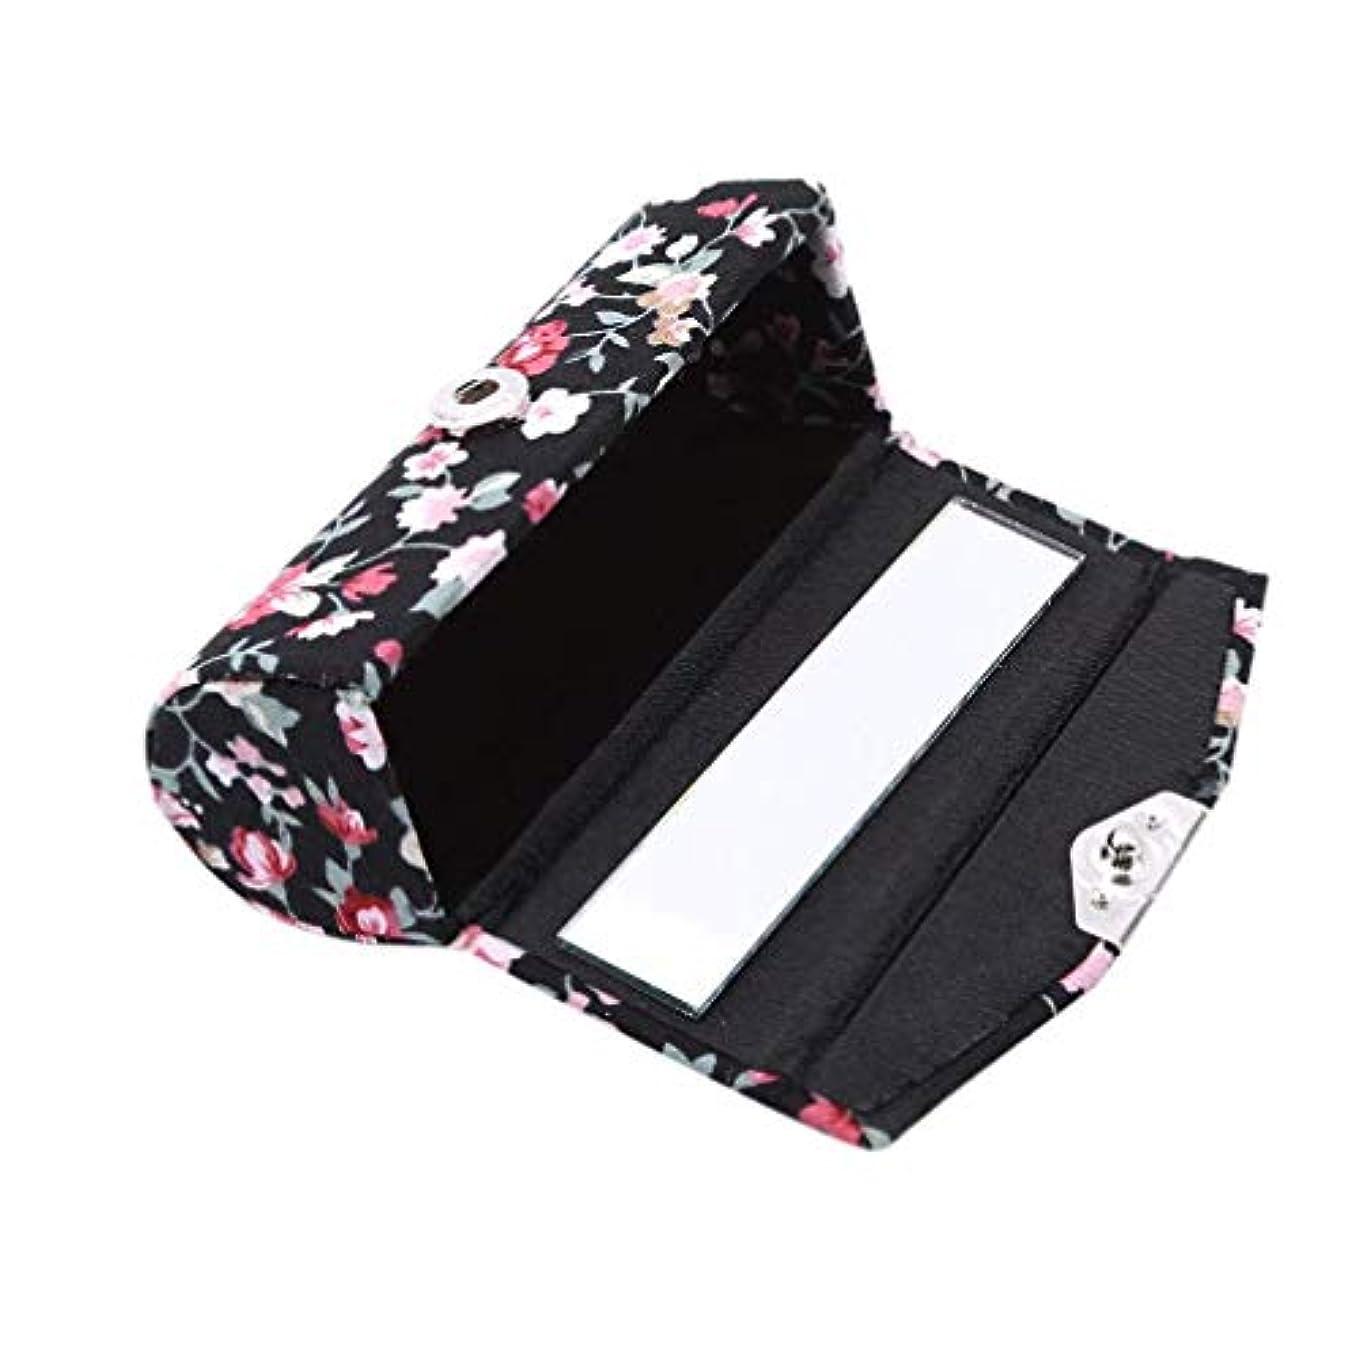 衝突応じるピアース1st market 口紅ケースレトロ刺繍入り花柄付きミラーリップグロスボックスジュエリー収納ボックス、ブラック高品質